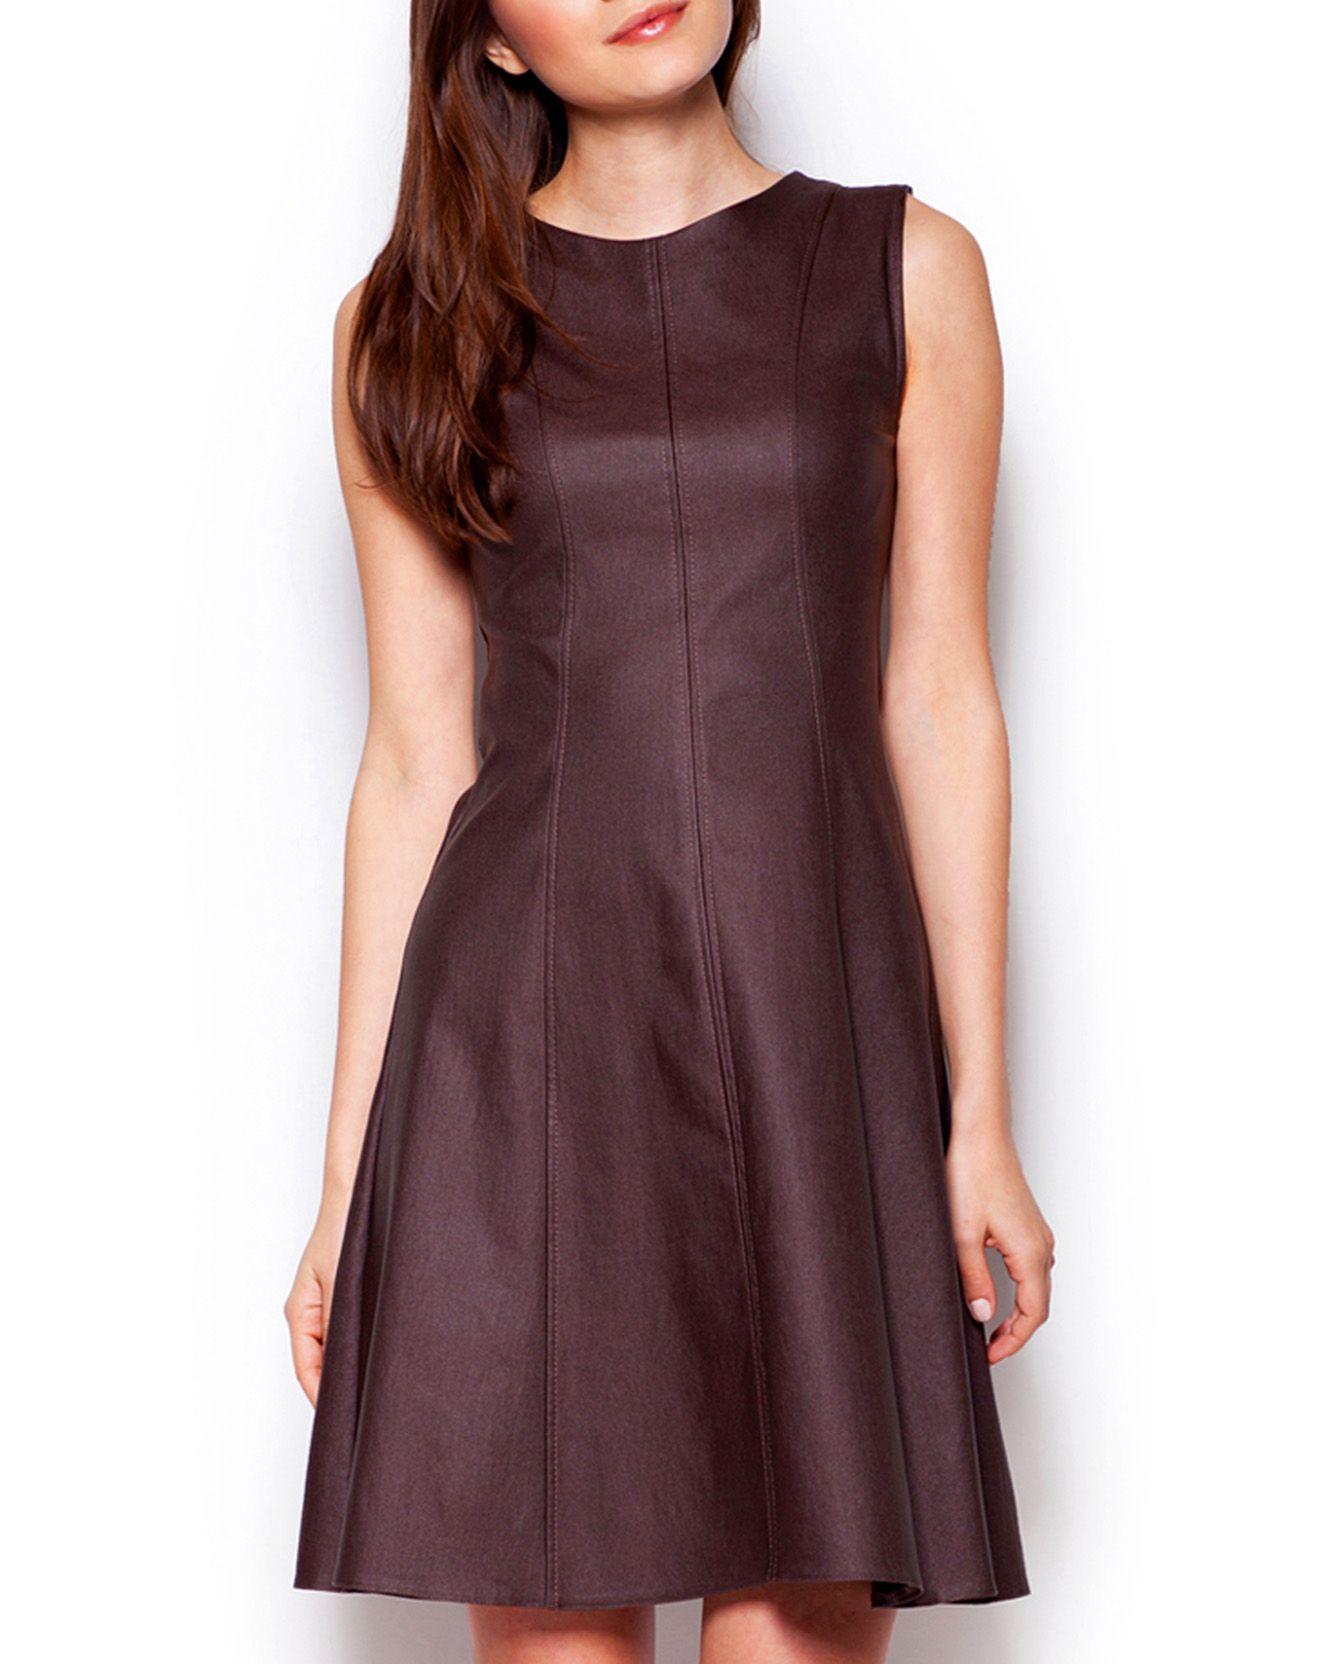 Bazarchic - Robe sonia marron